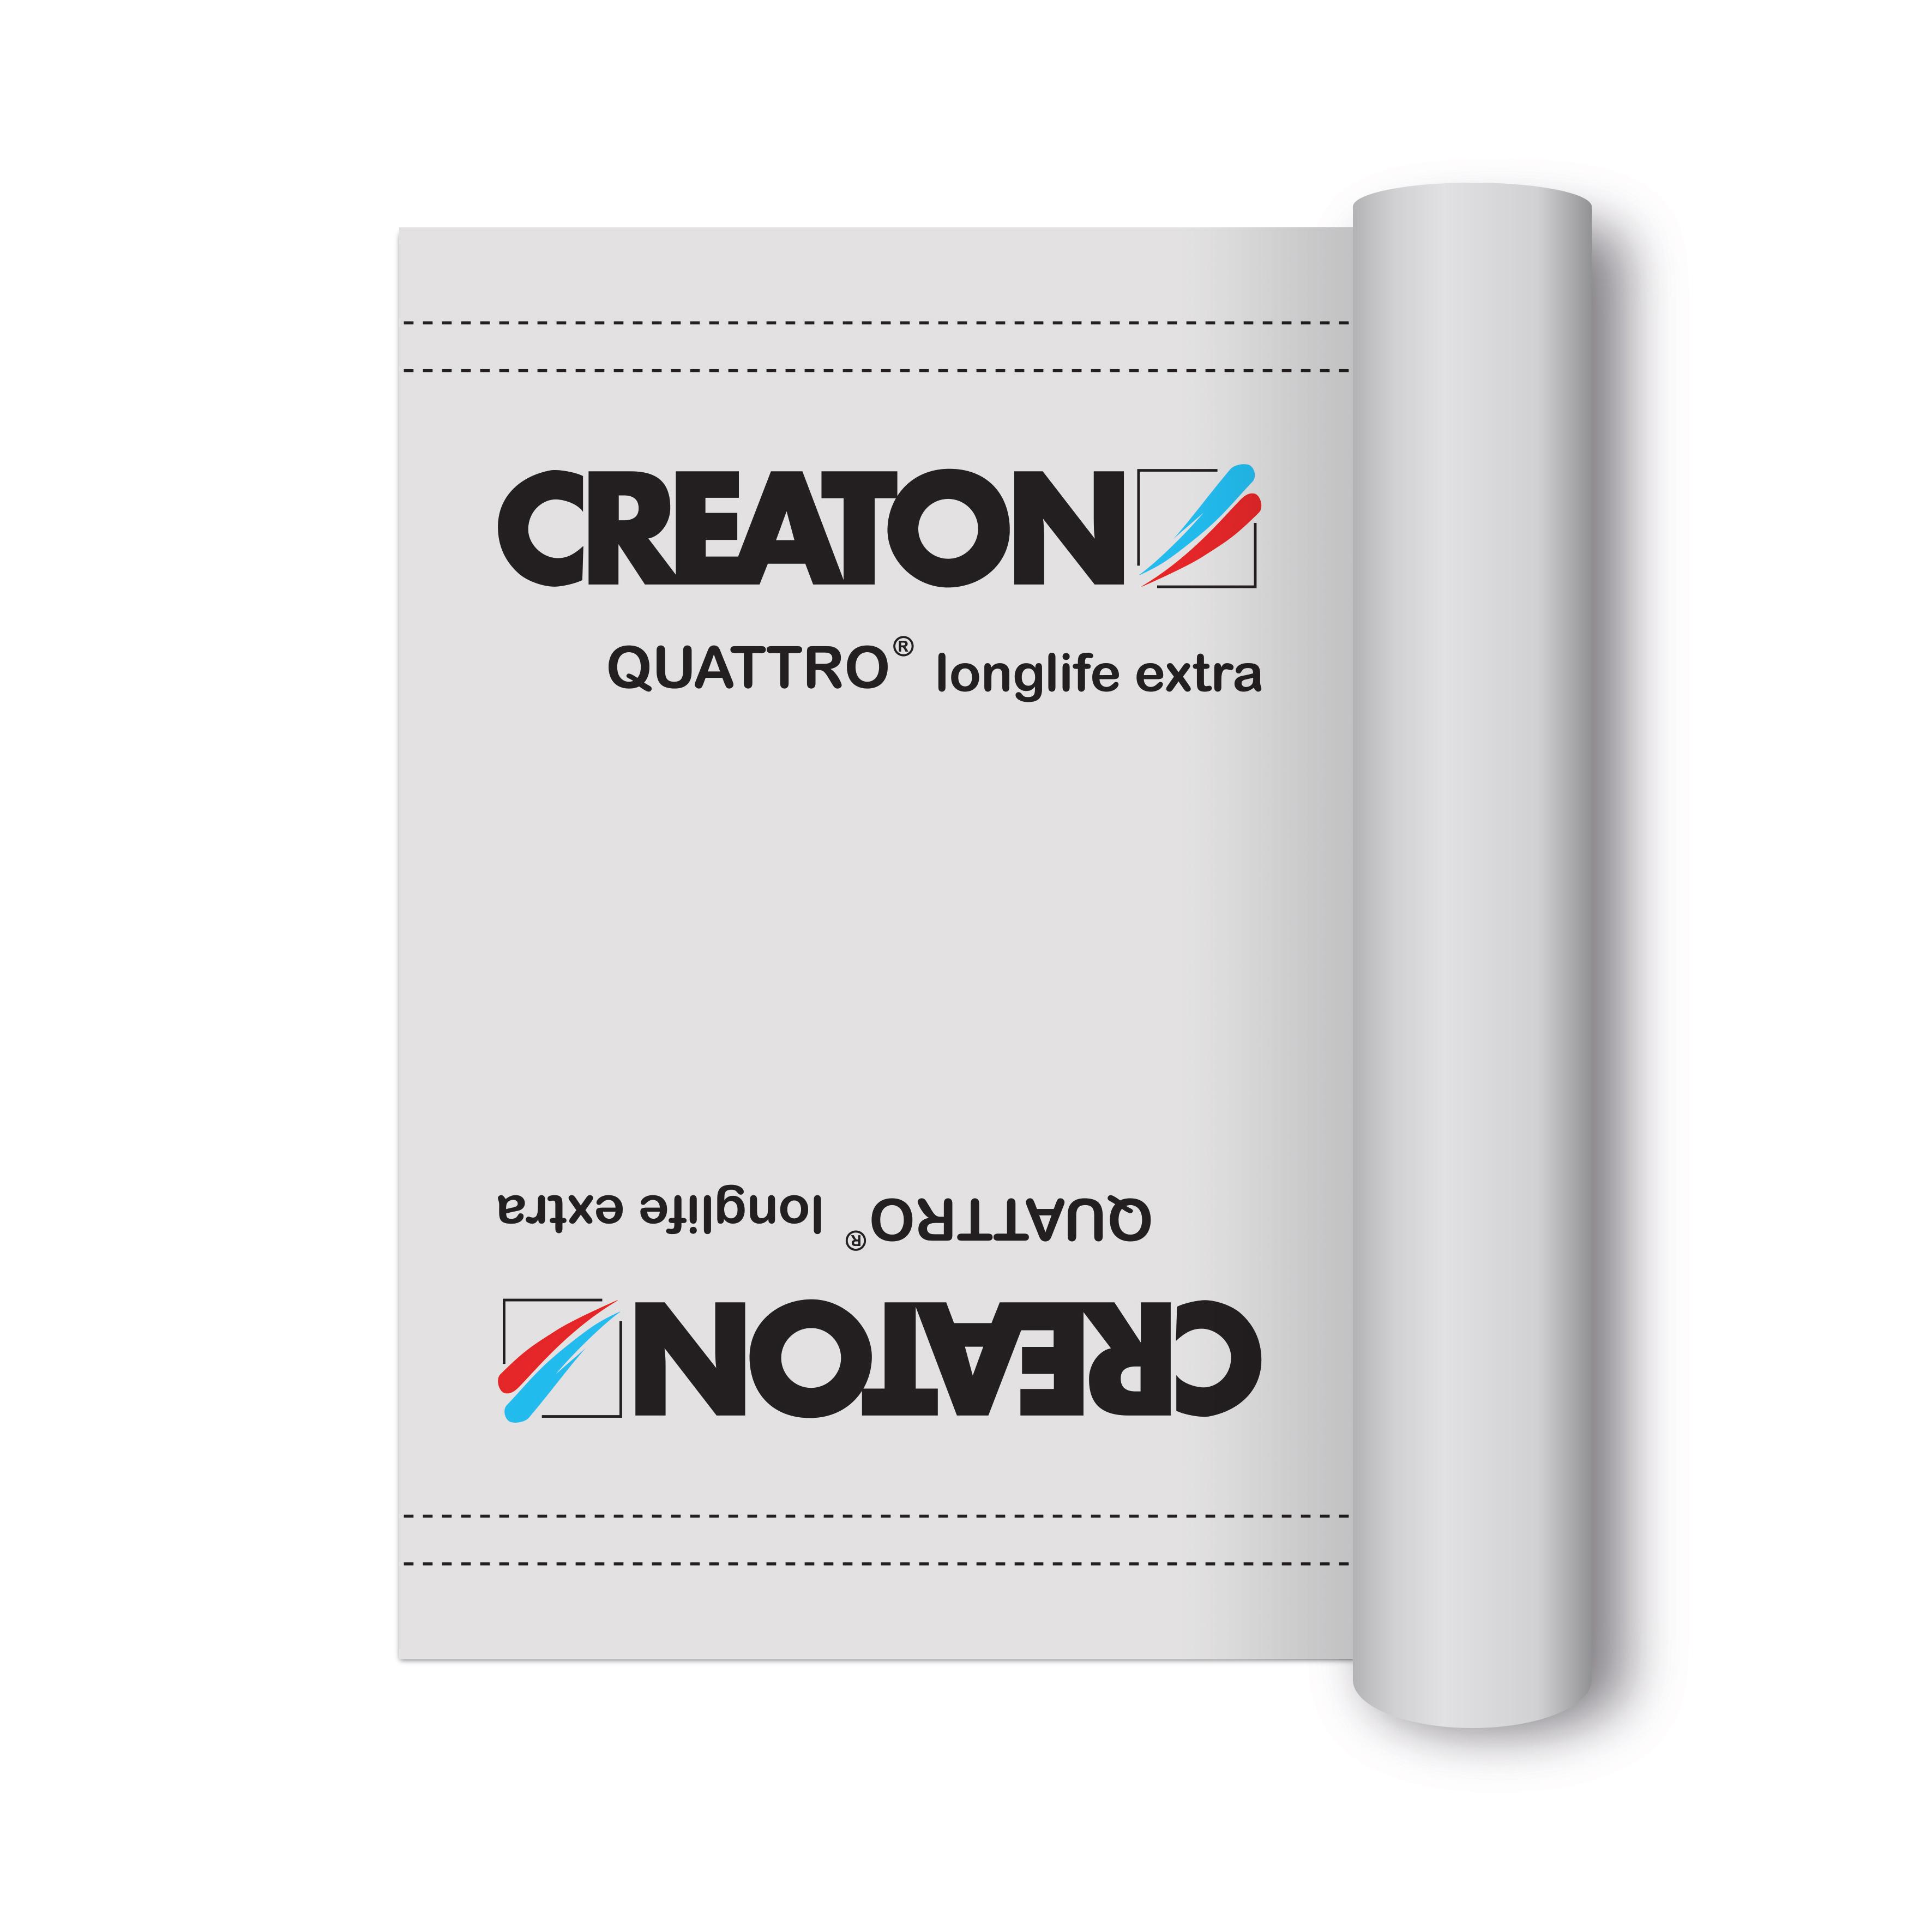 Покрівельна мембрана CREATON QUATTRO Longlife 360 Extra